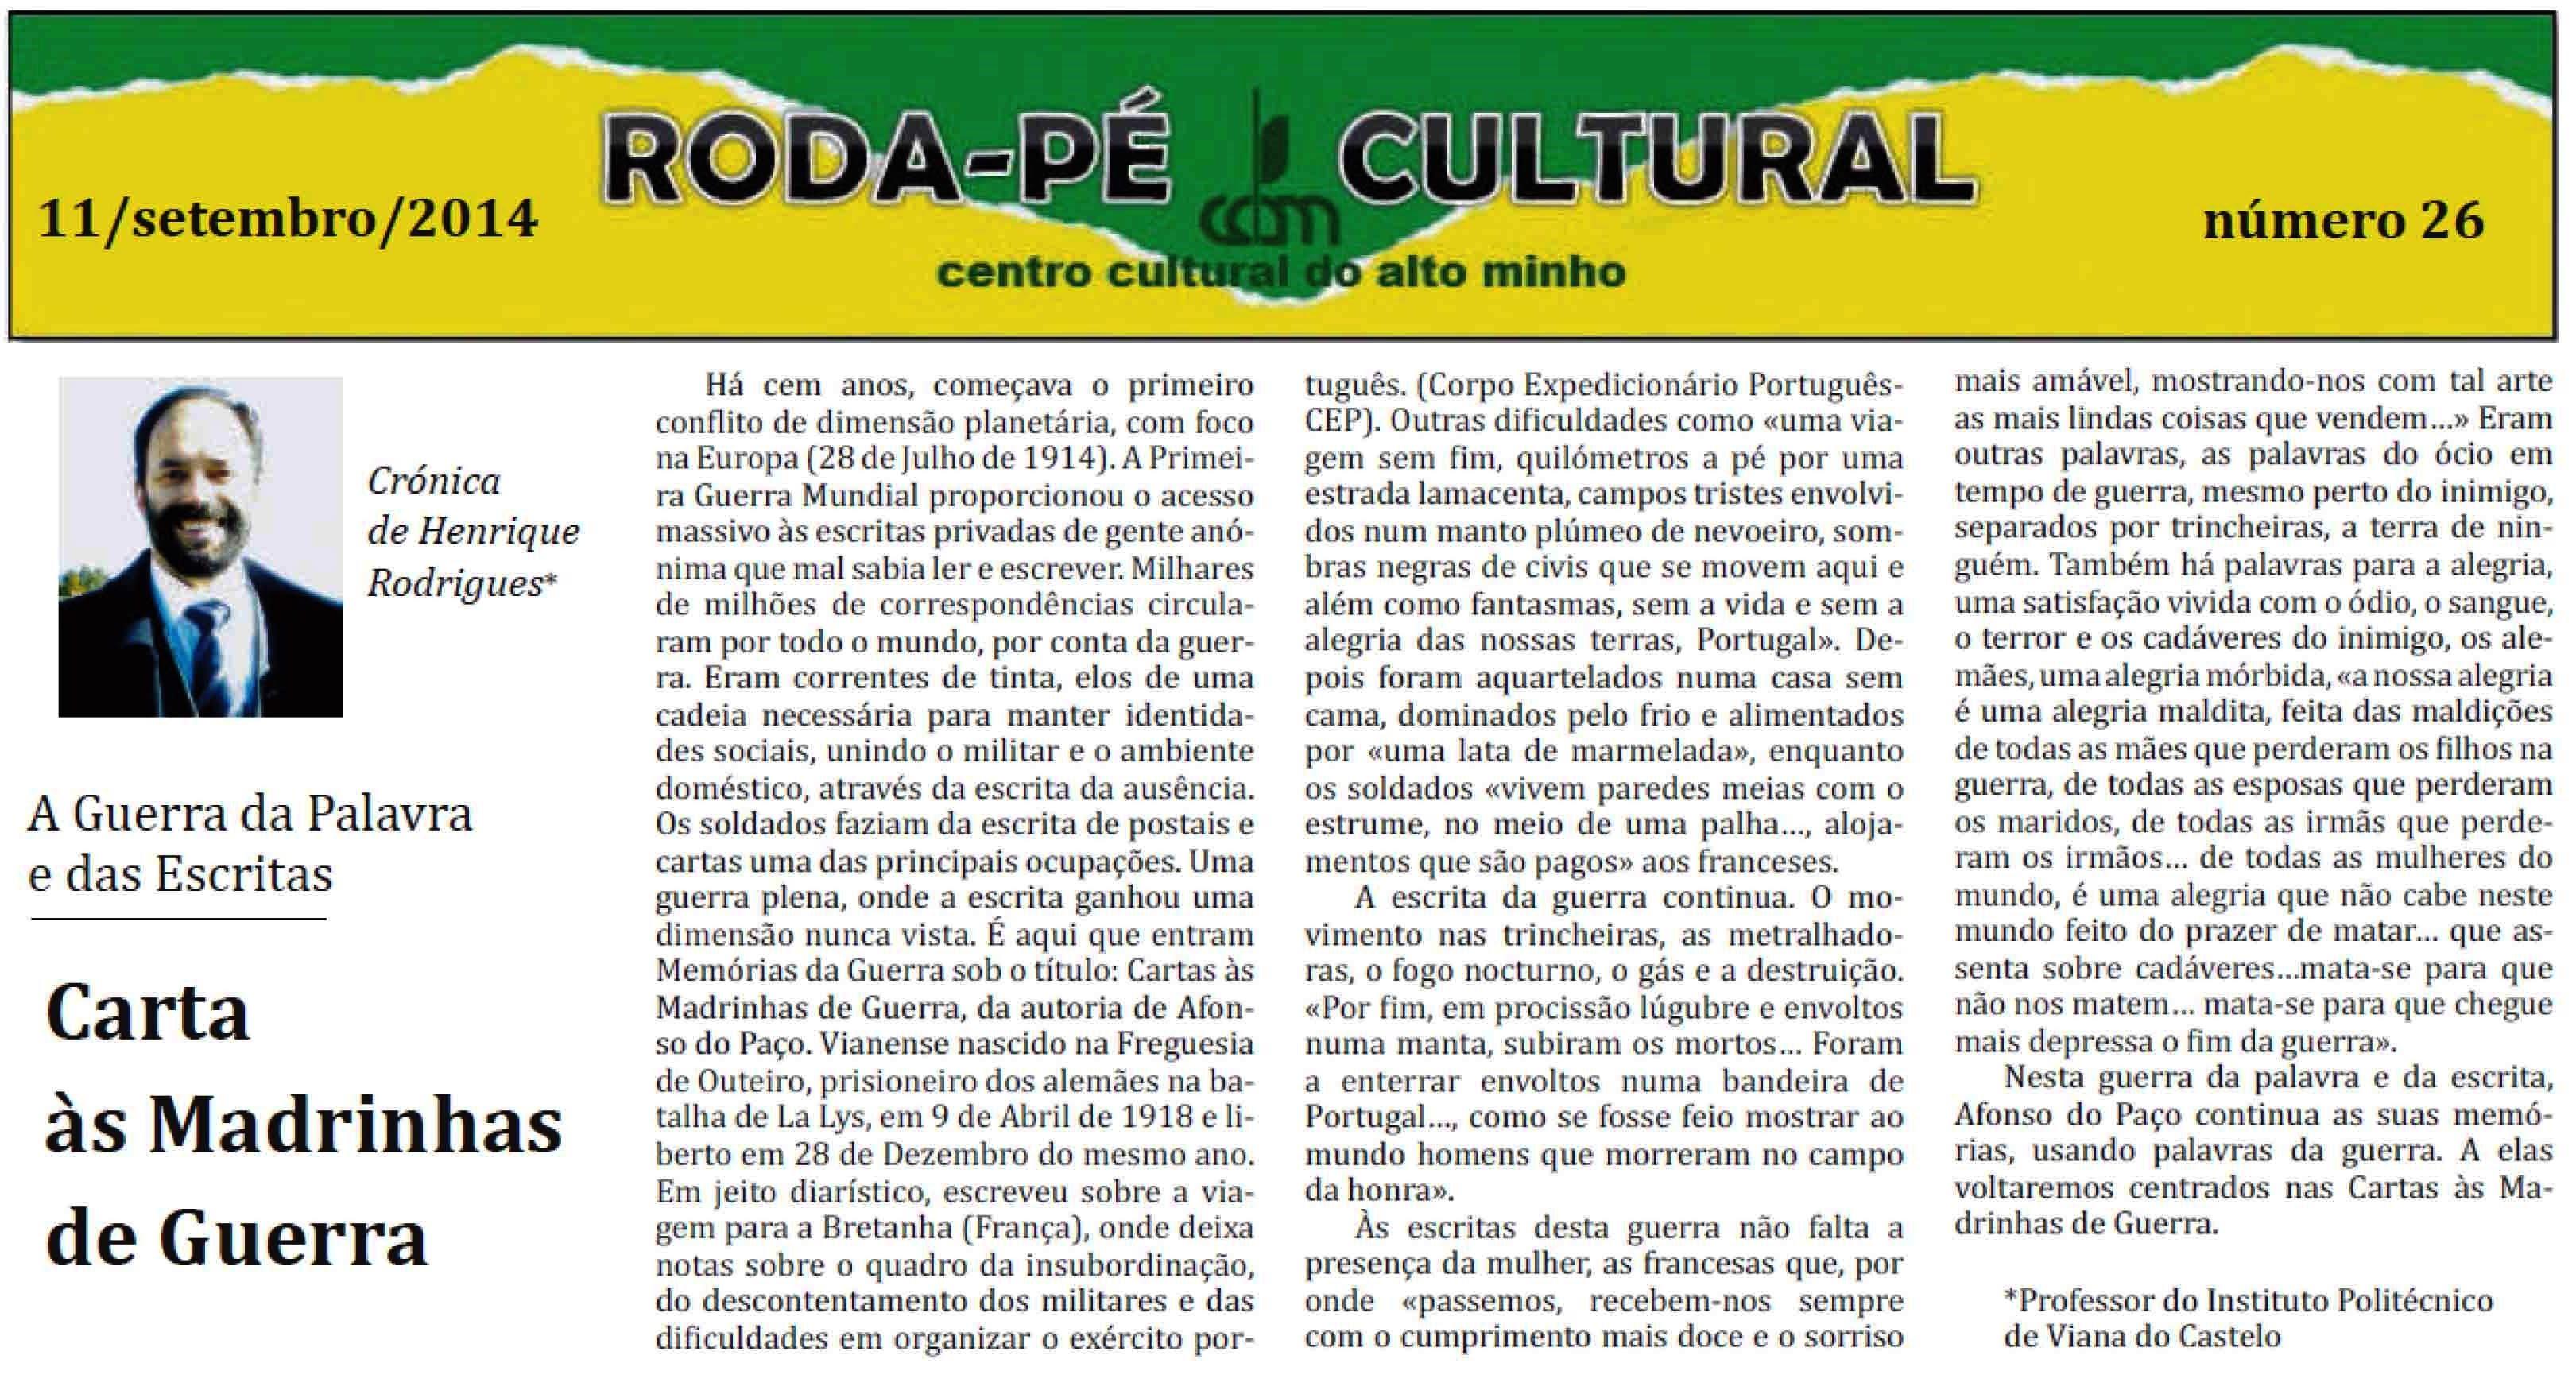 https://sites.google.com/a/centroculturaldoaltominho.org/ccam/actividades-realizadas/2014/Rp_26.jpg